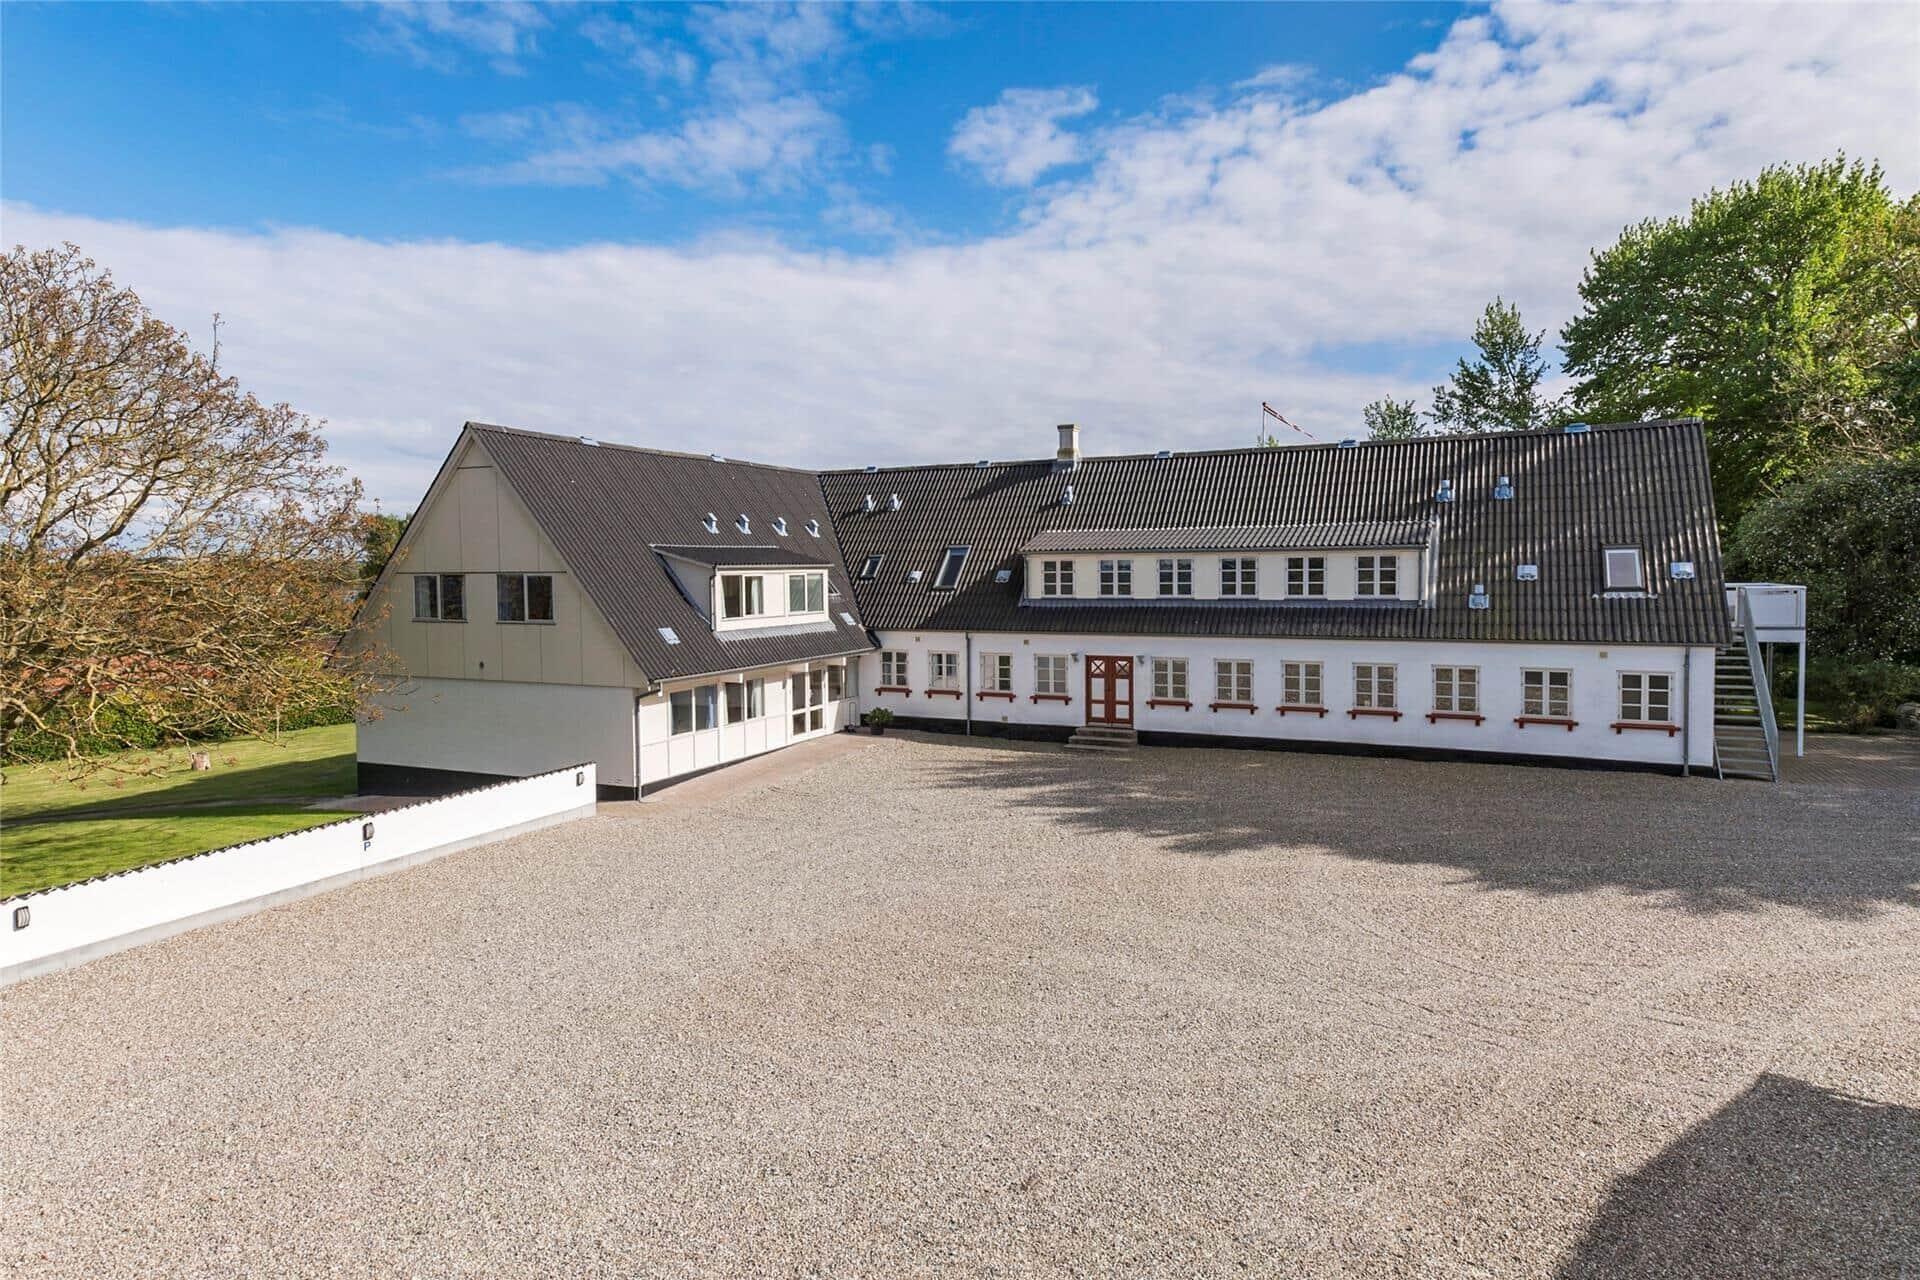 Billede 0-3 Sommerhus M70277, Borgnæsvej 4, DK - 5970 Ærøskøbing